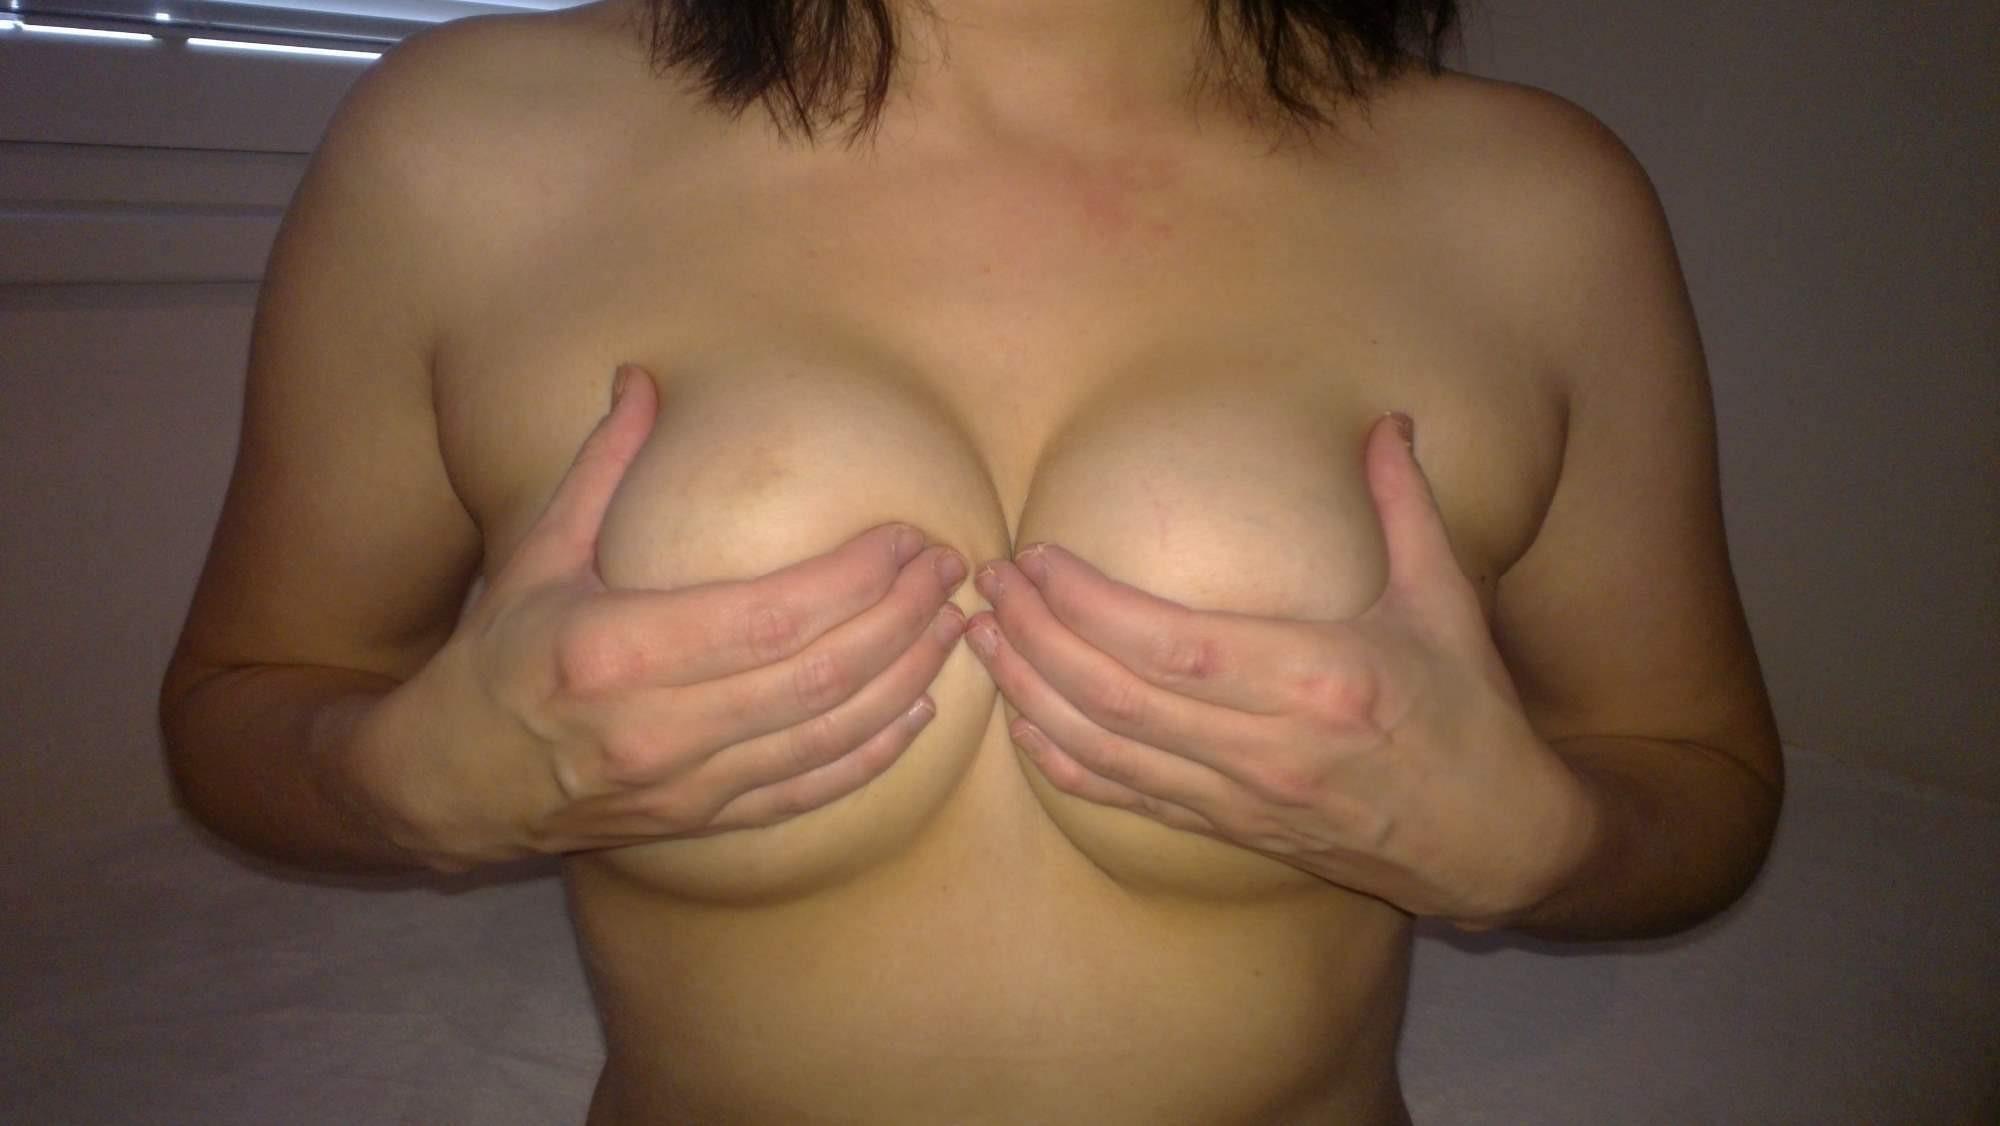 【手ブラエロ画像】乳輪ハミ出しだけじゃ不満!早く乳首見せてよ意地悪な手ブラ乳(;´Д`)